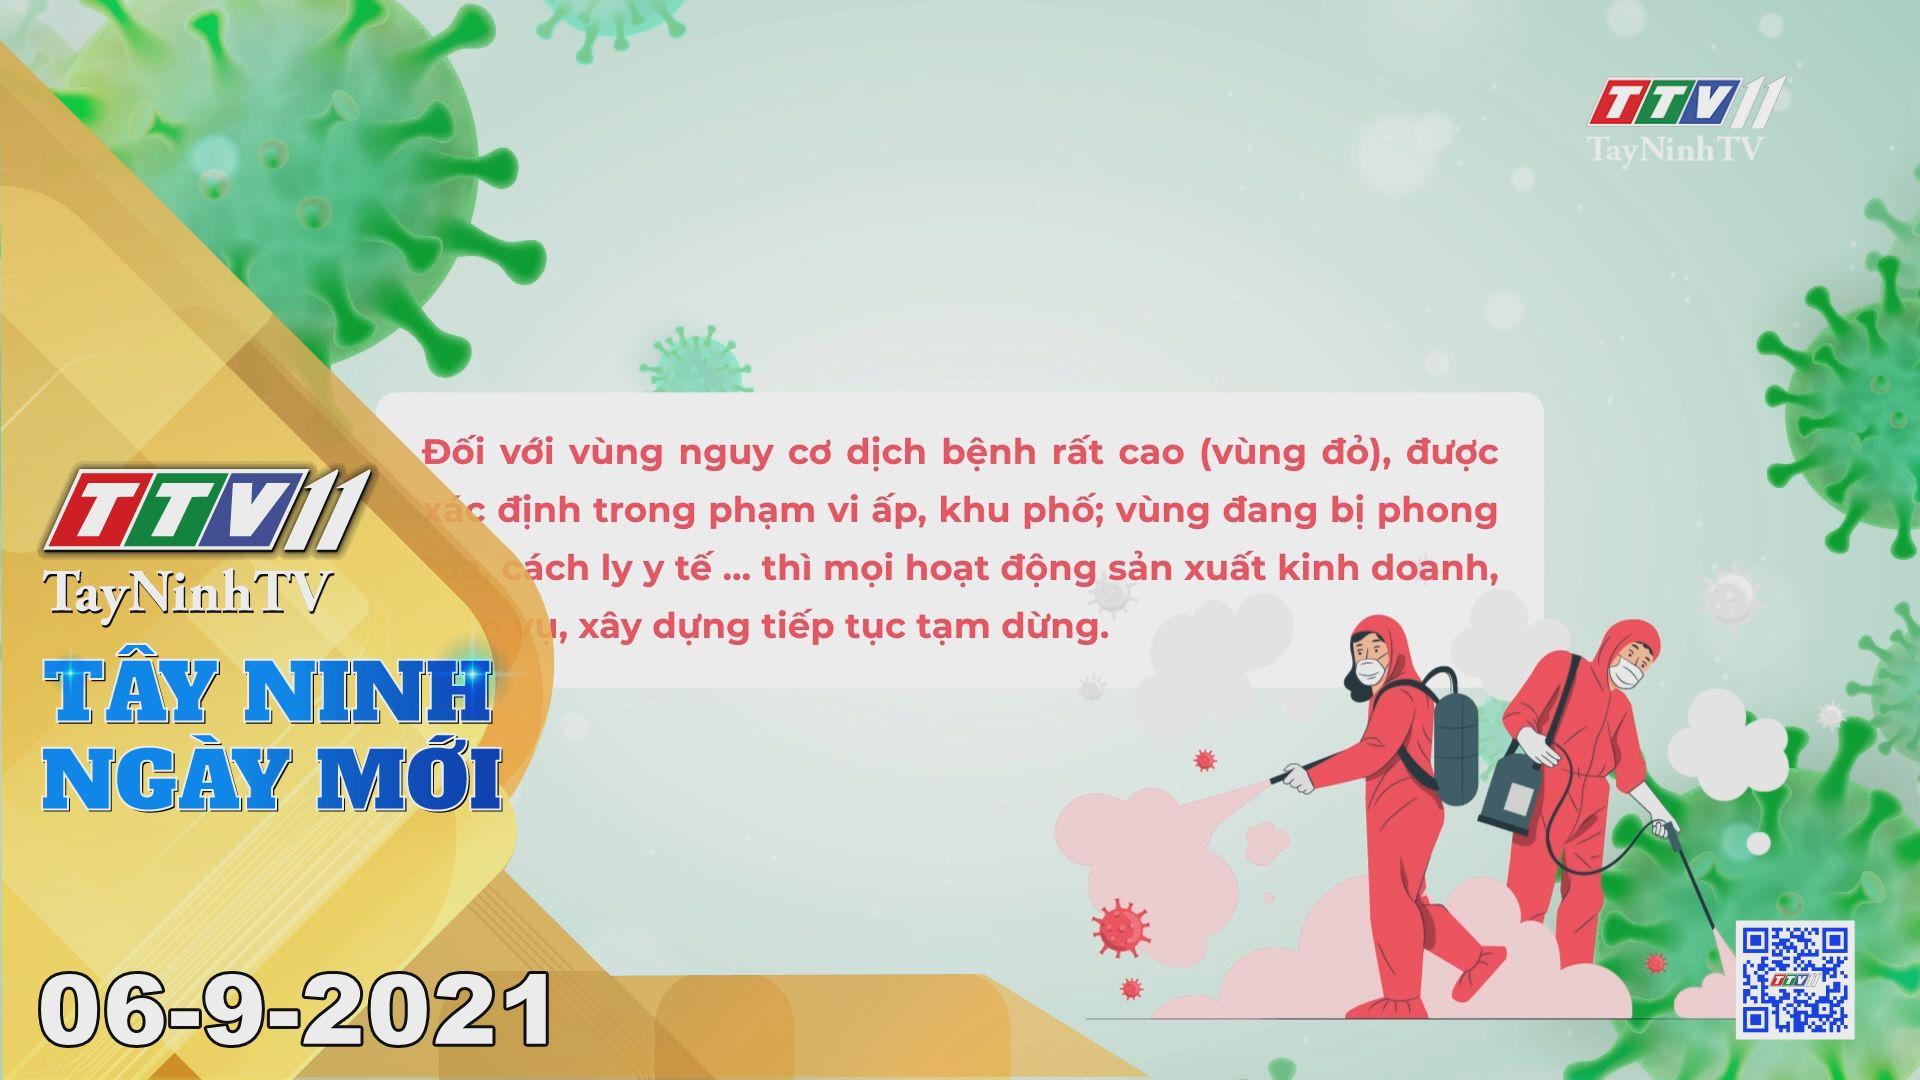 Tây Ninh Ngày Mới 06-9-2021 | Tin tức hôm nay | TayNinhTV